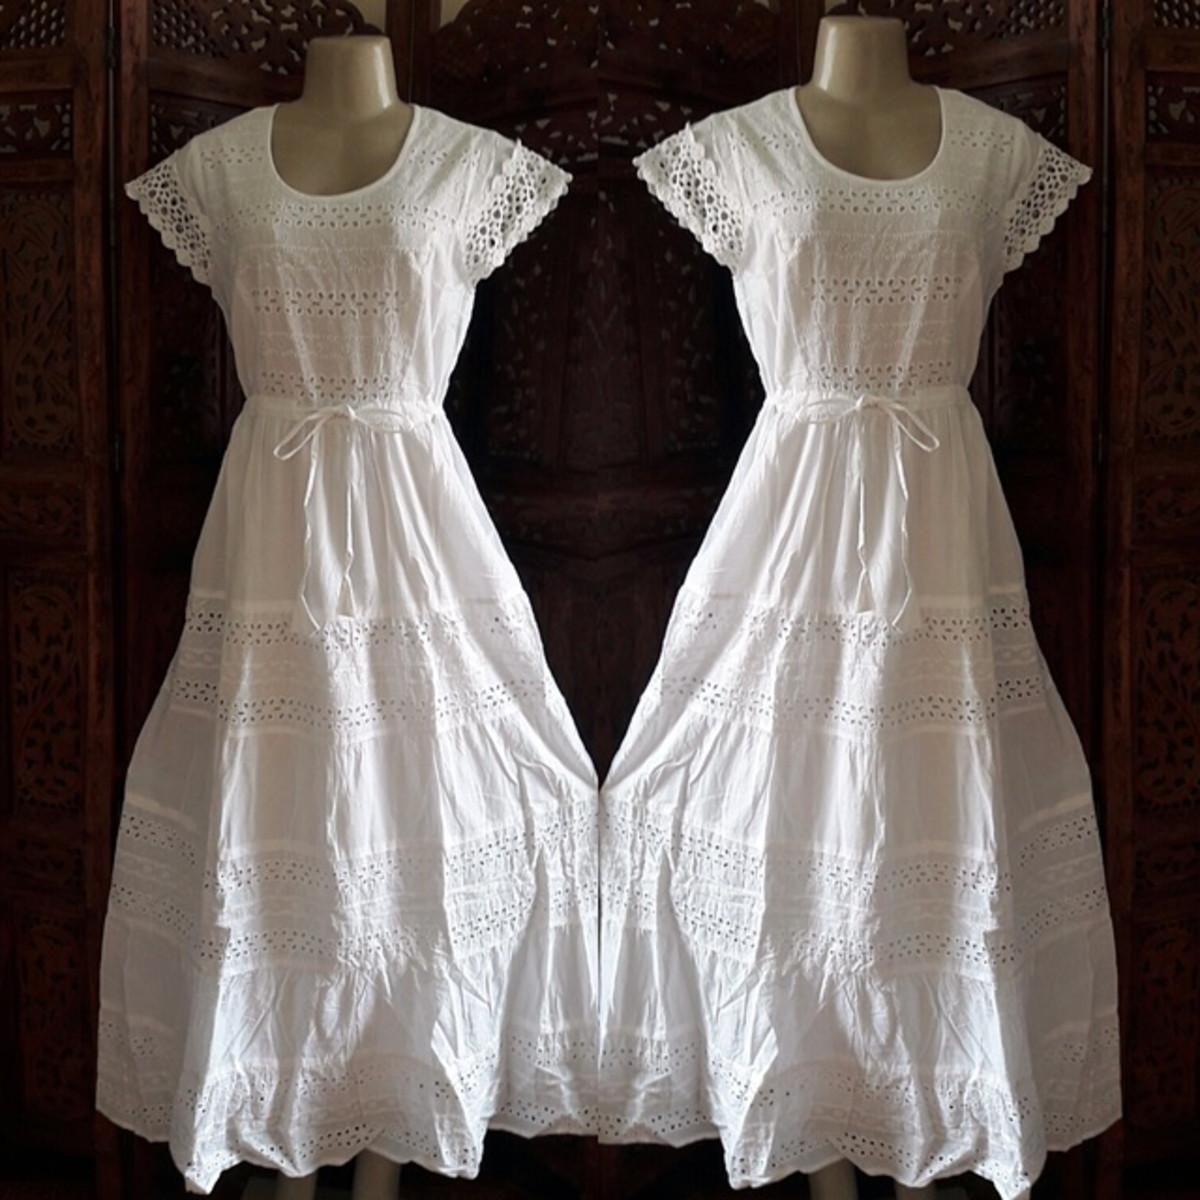 e4bdbd1c2e56 vestido branco longo algodão laise renda grupir exg no Elo7 ...